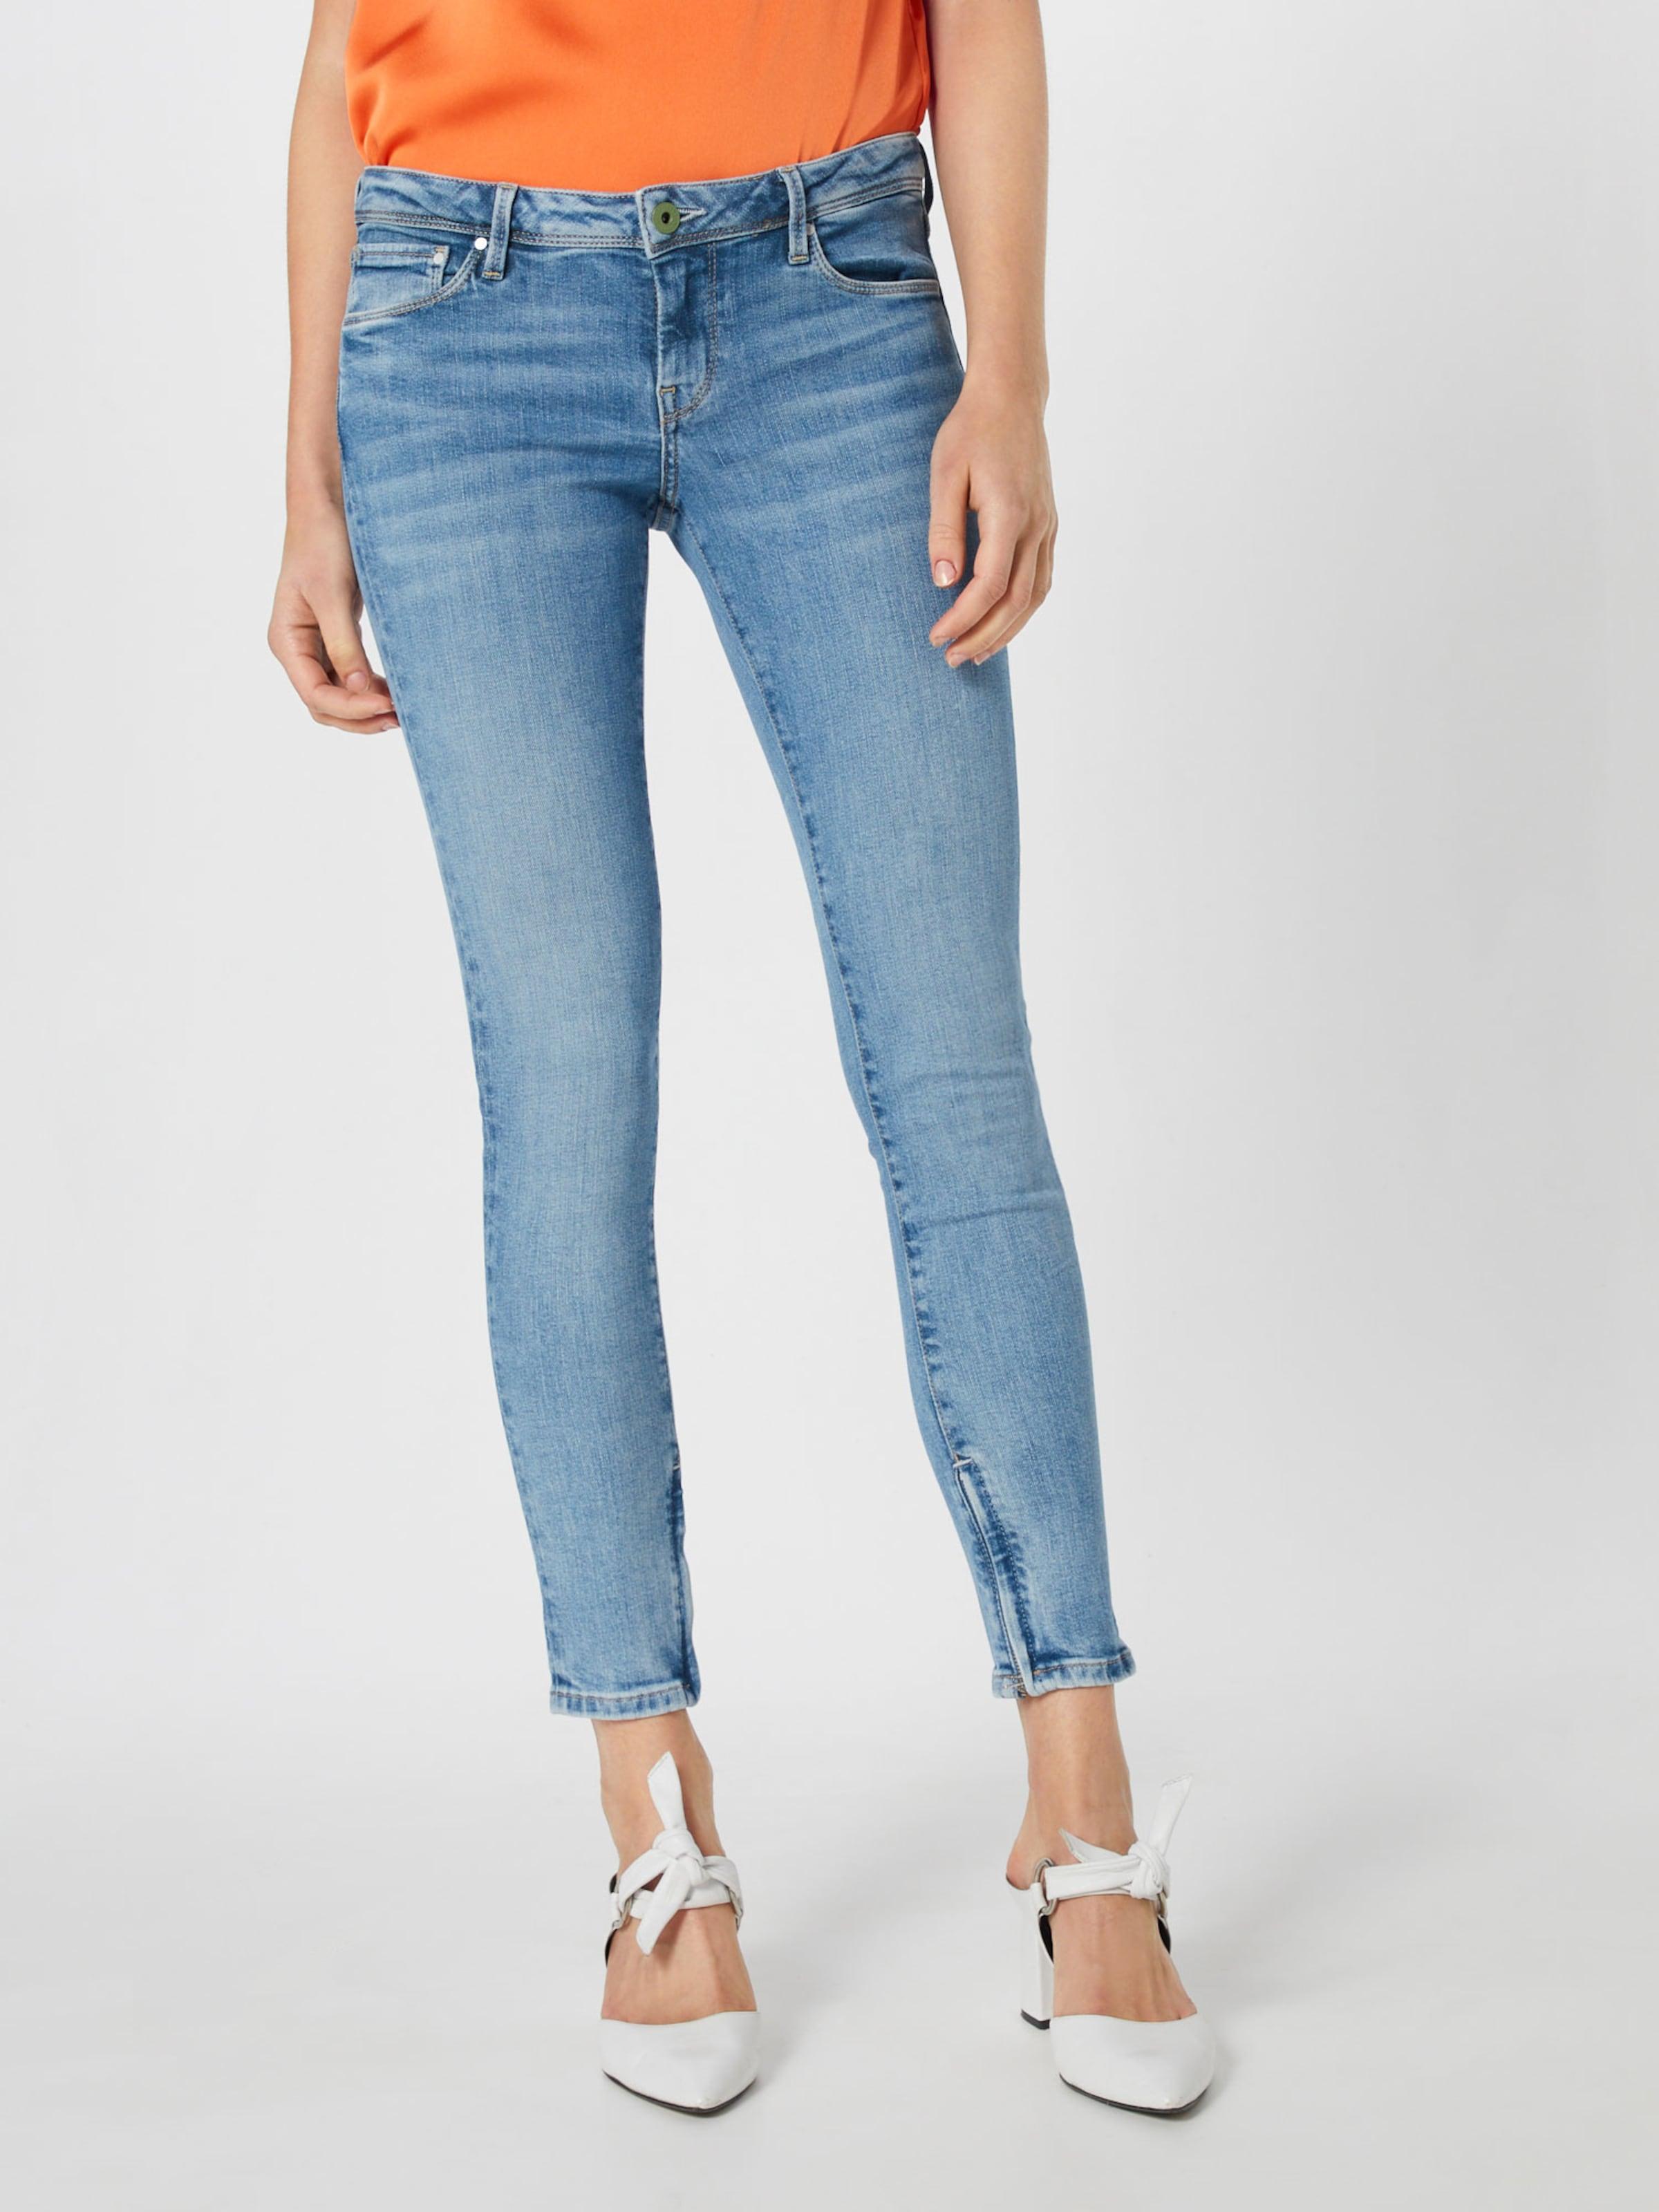 Denim Jeans 'cher' Jean En Bleu Pepe 9IDeEHWY2